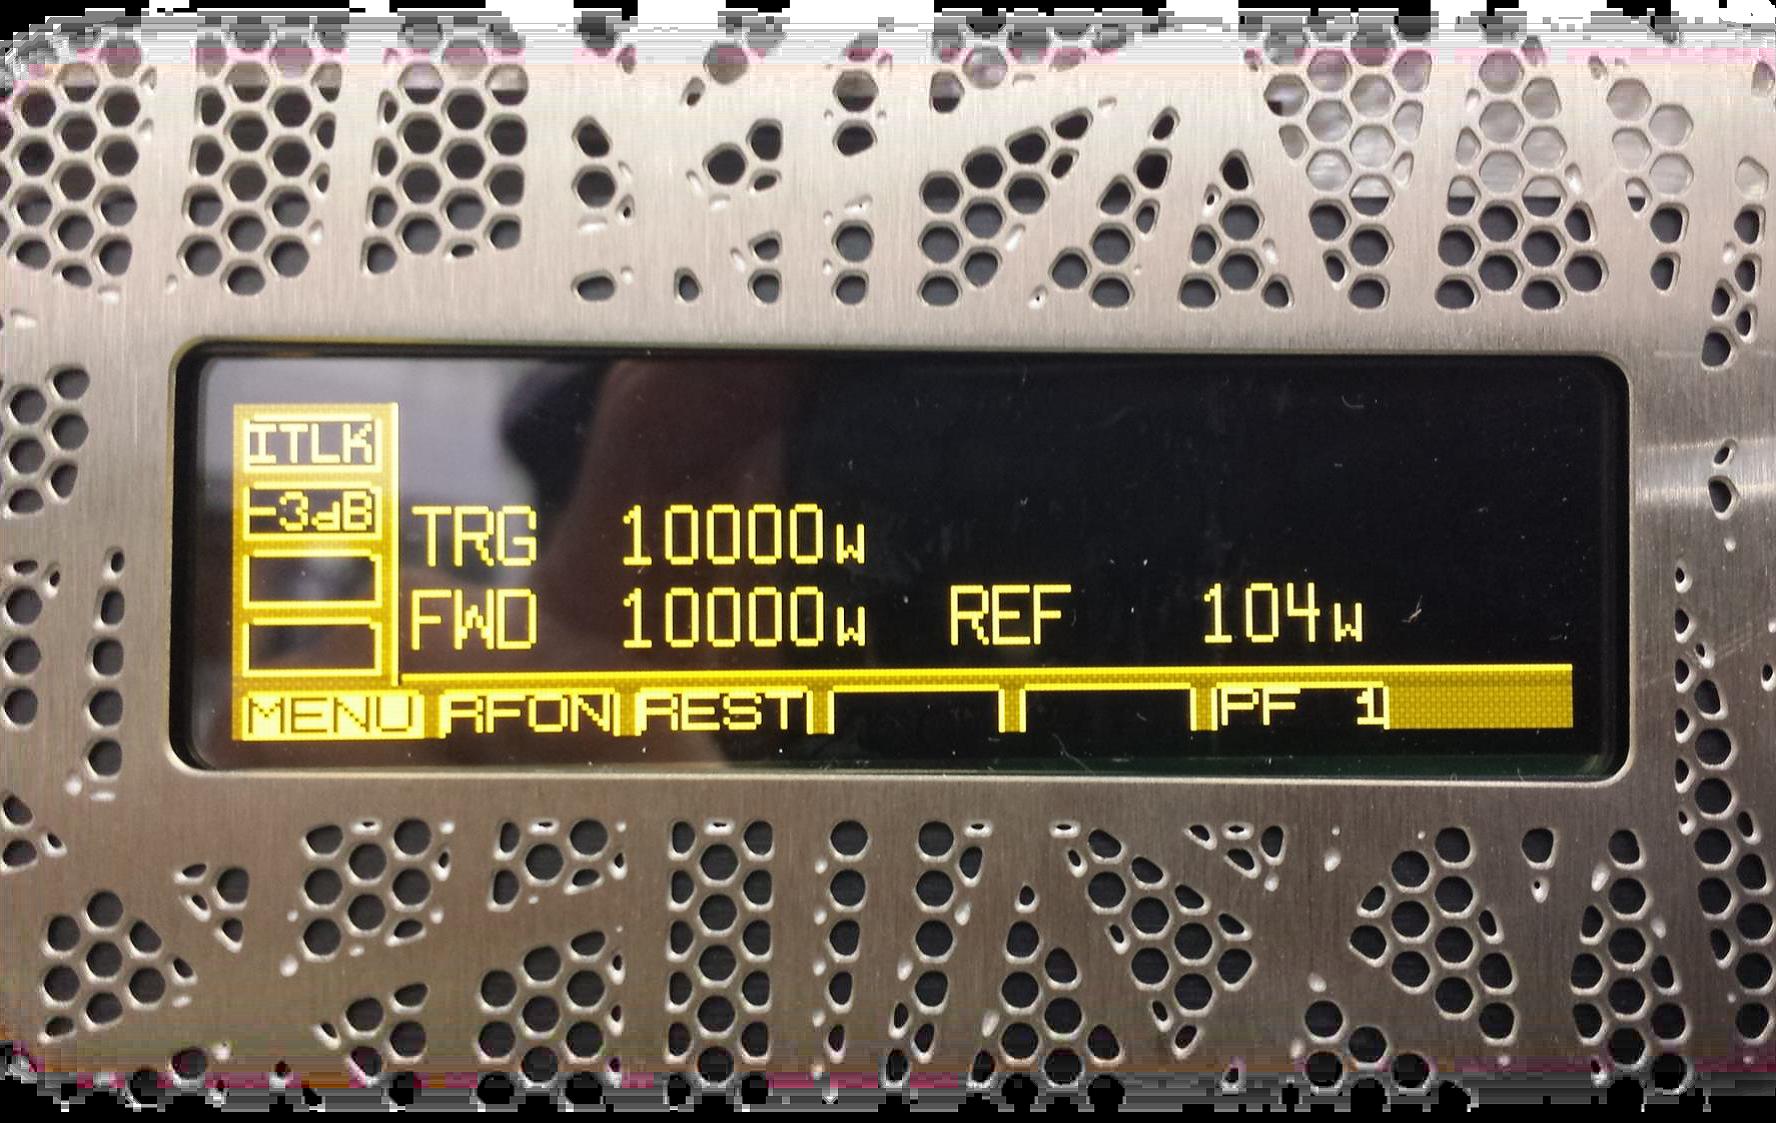 Elenos tx 10 kW - Radio digitale. Perché non si farà mai uno switch-off e perché l'approccio tecnologico neutrale salverà la radio